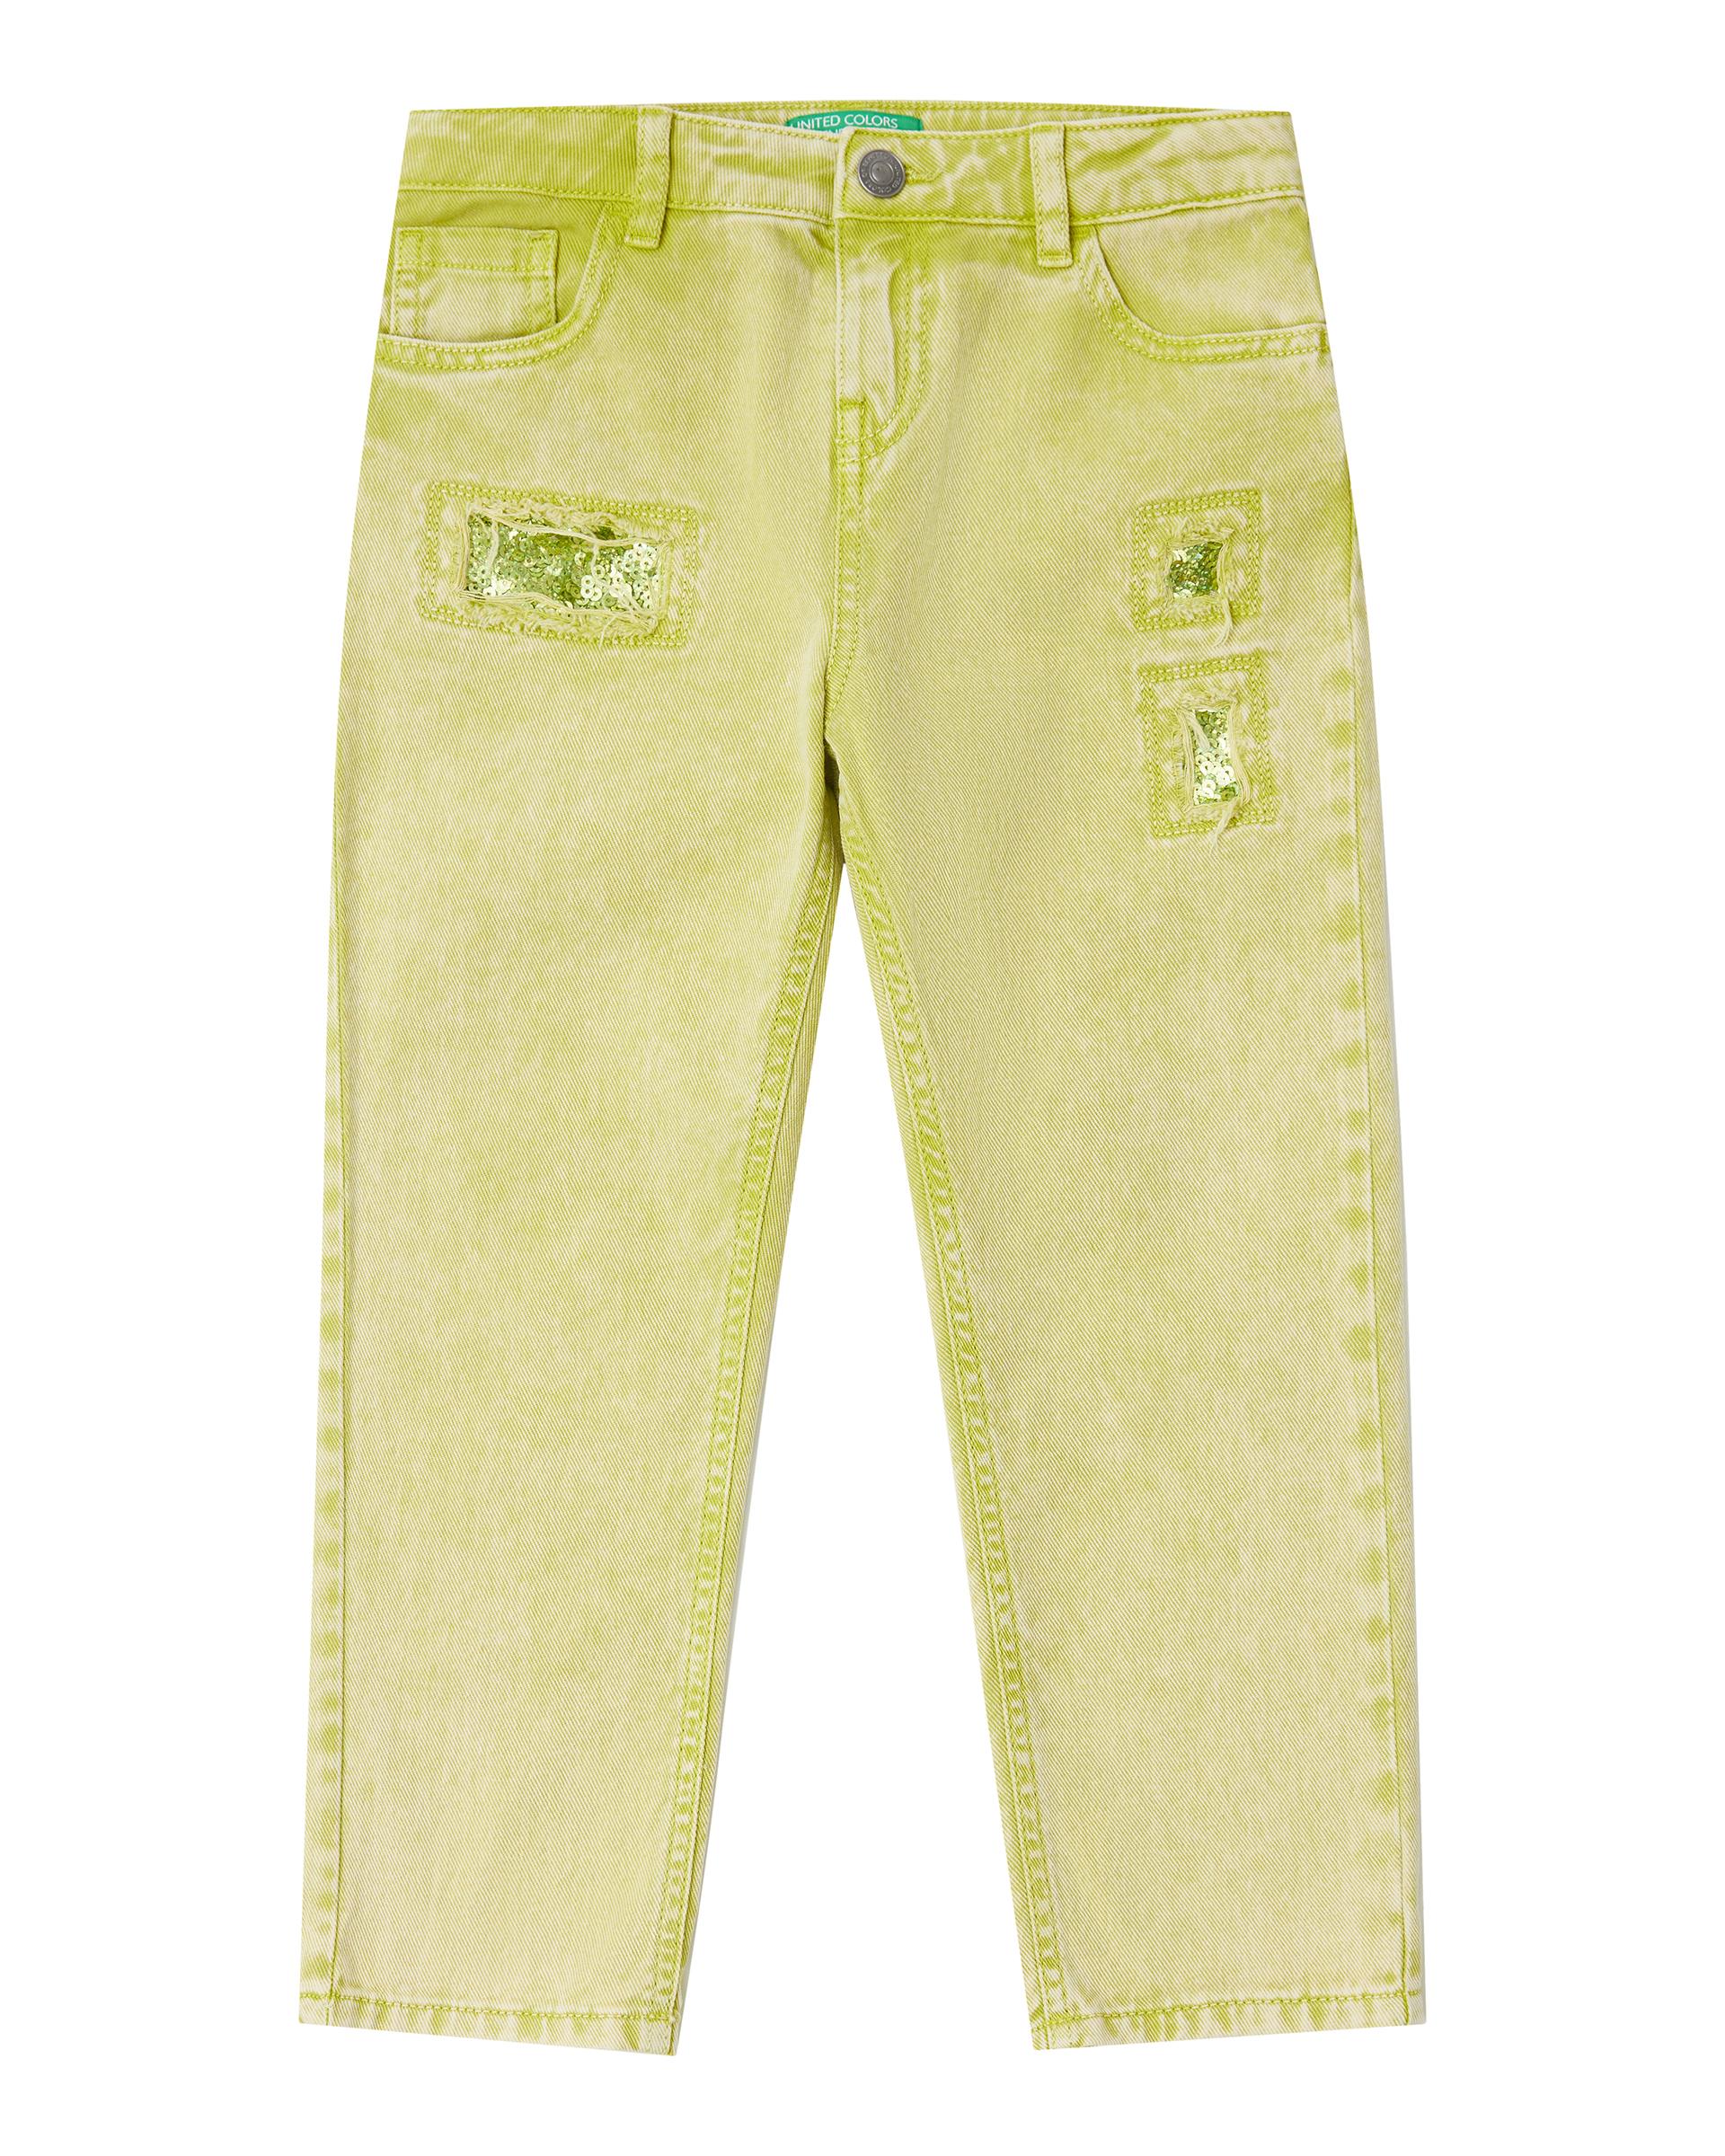 Купить 20P_4PL355B60_902, Брюки для девочек Benetton 4PL355B60_902 р-р 158, United Colors of Benetton, Джинсы для девочек